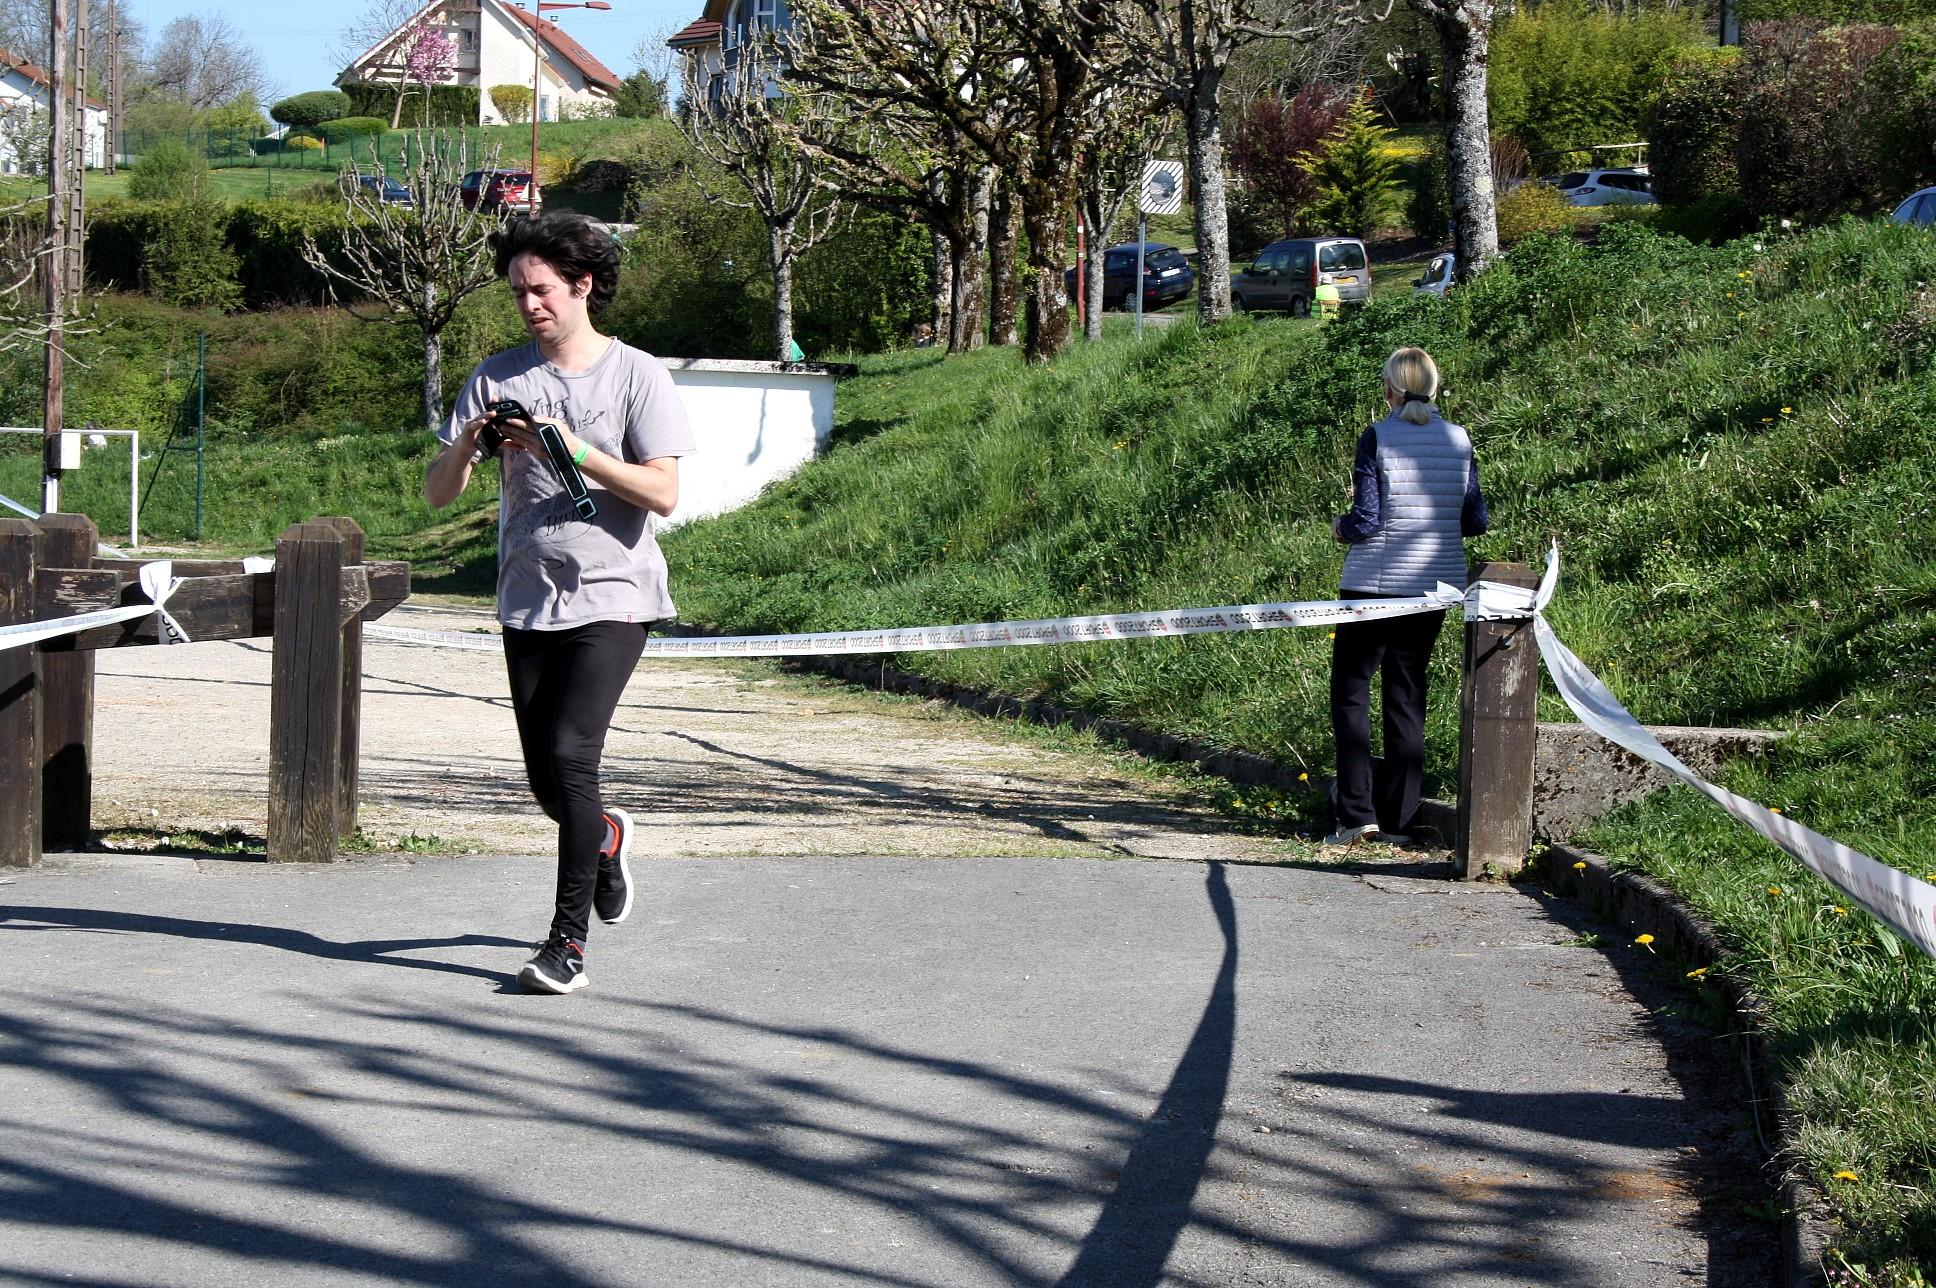 2017-04-09 - Trail-Montfaucon-Juliette (195)